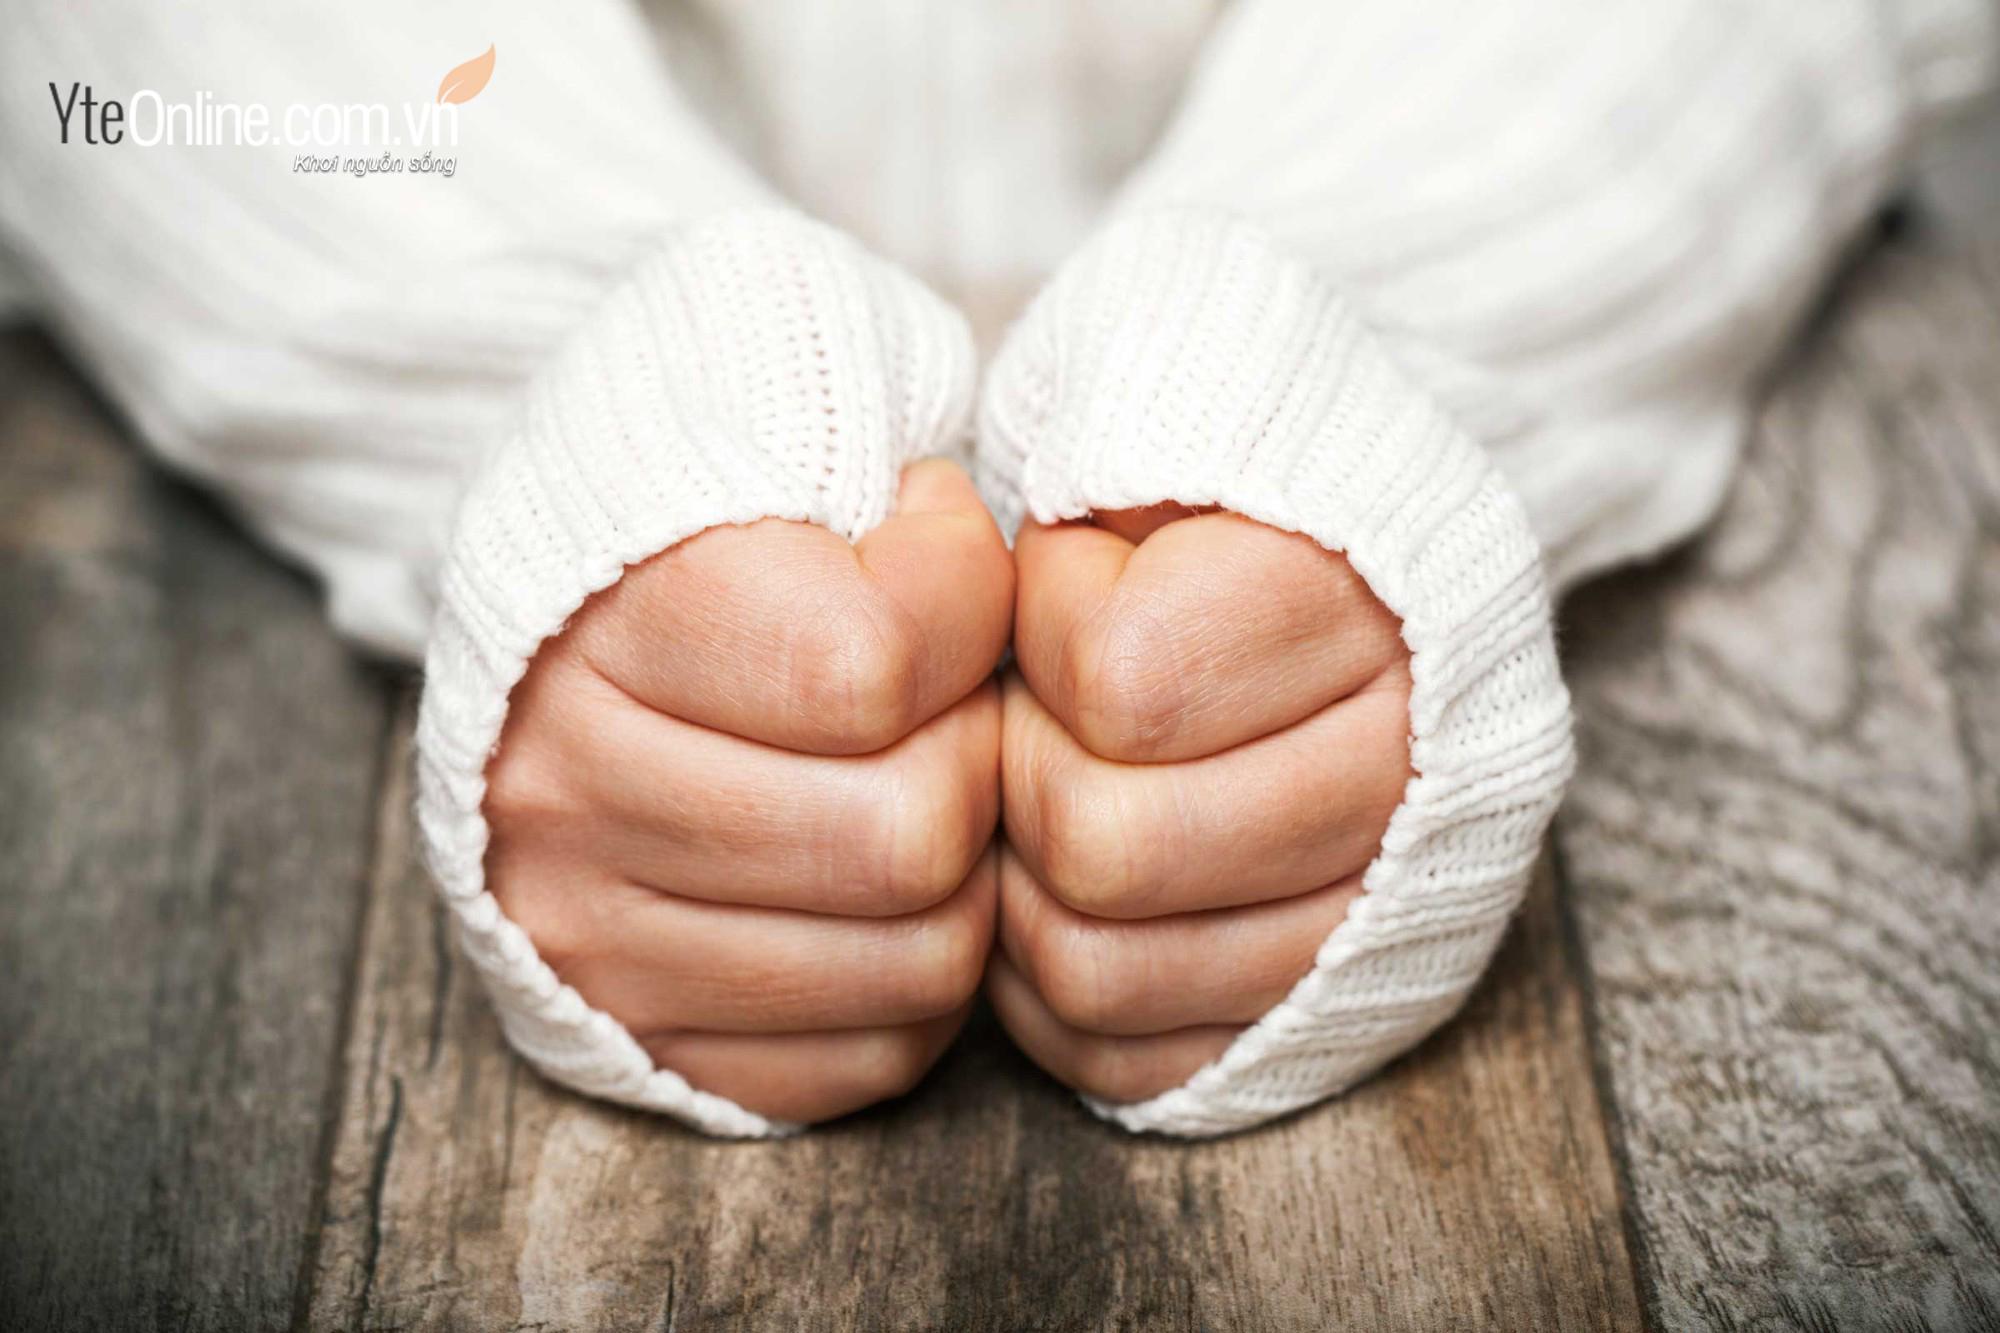 Sử dụng bồn ngâm chân- giải pháp khắc phục chứng chân tay lạnh